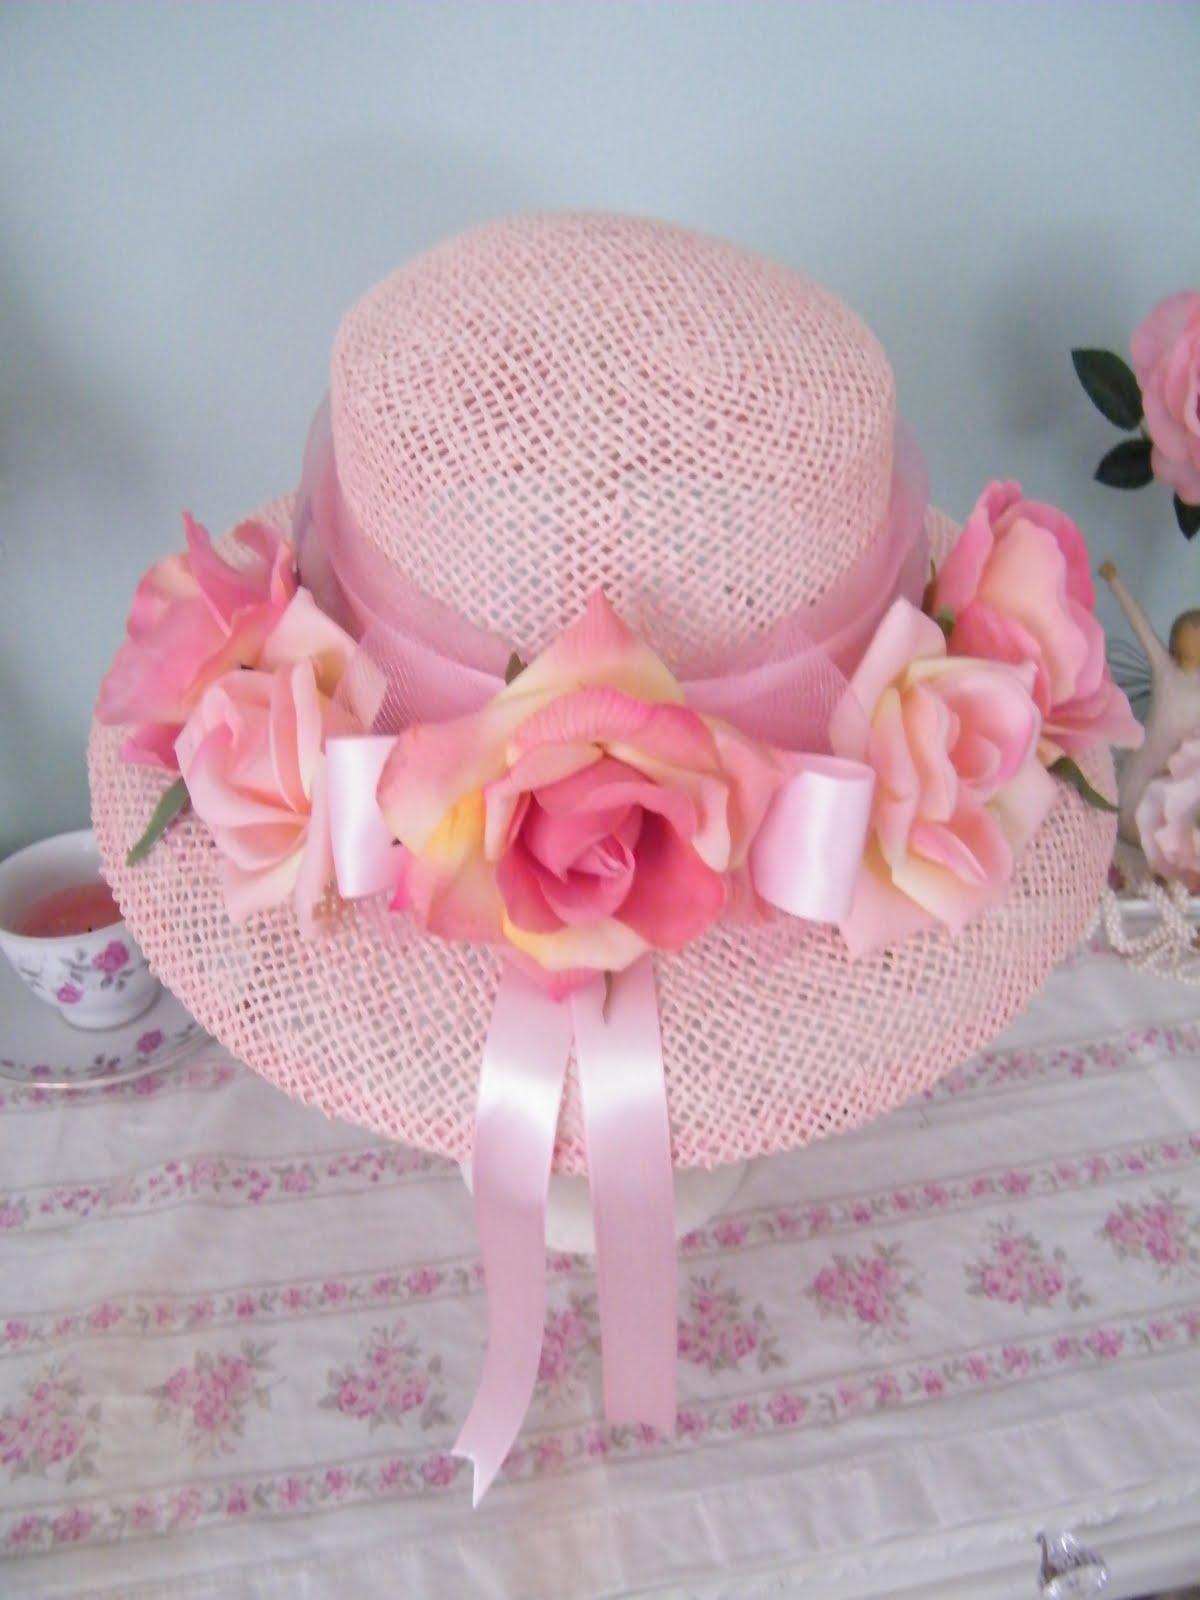 http://1.bp.blogspot.com/_IZYkocO50KY/TDhxHGPekeI/AAAAAAAAAWg/pSzC2cqNLdA/s1600/Hats+015.JPG